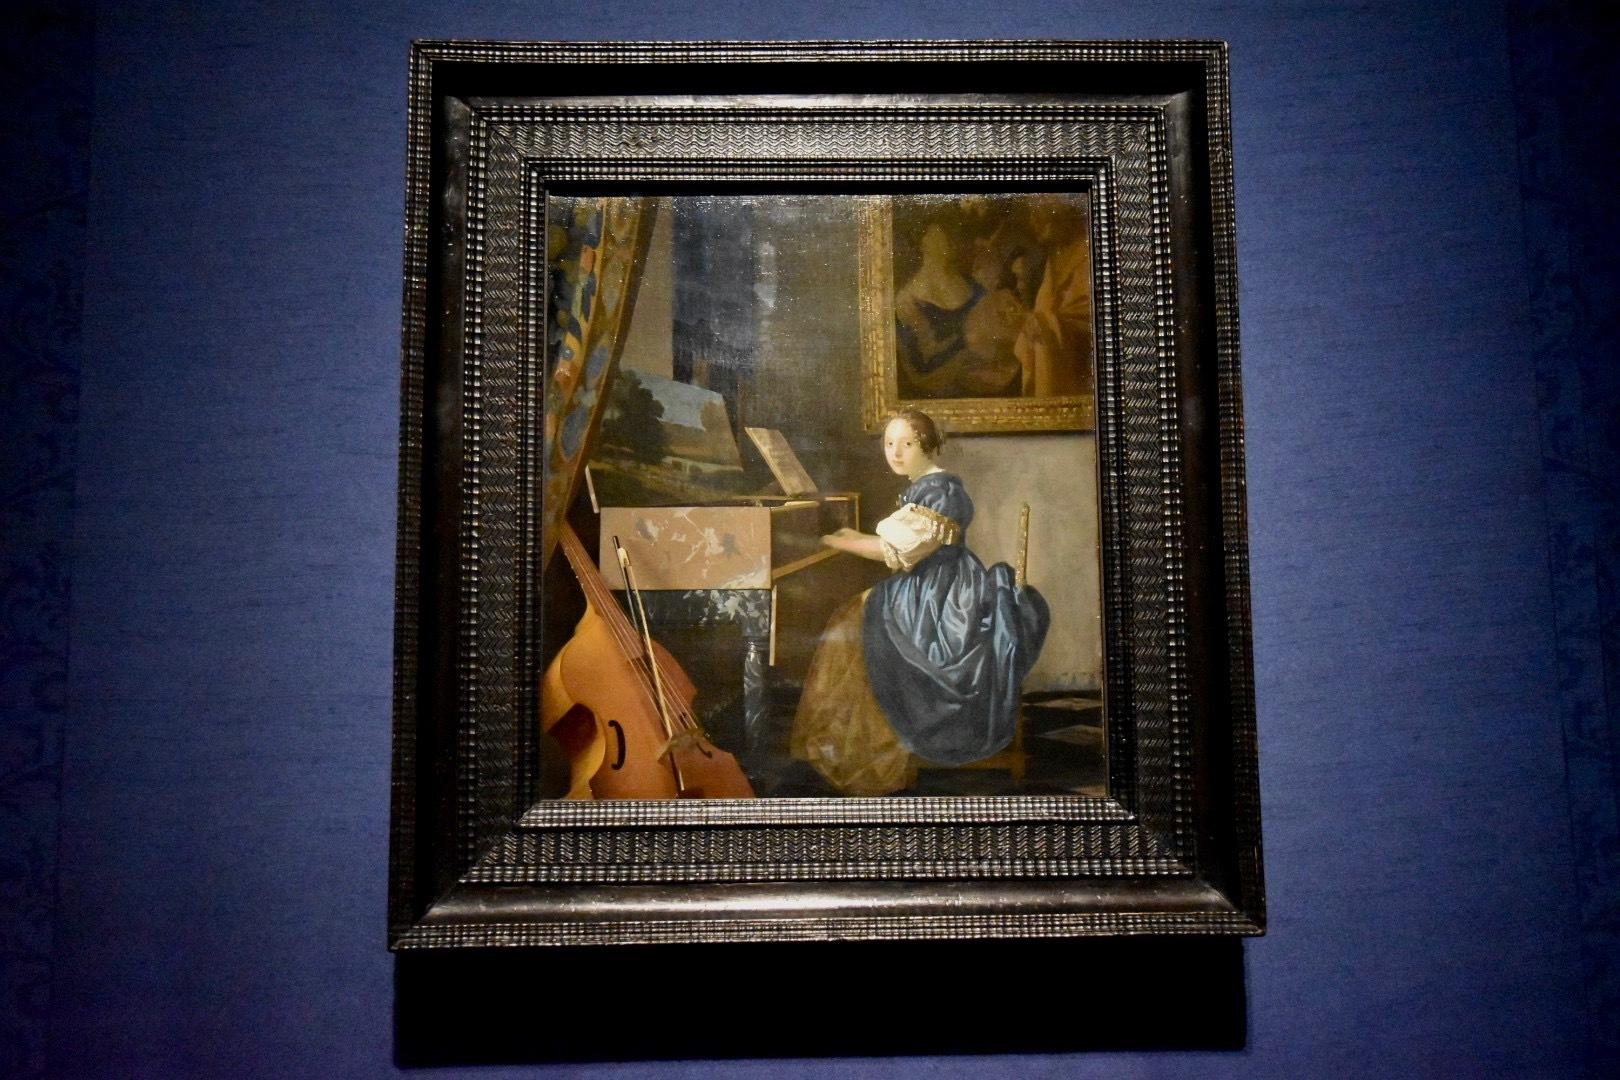 ヨハネス・フェルメール《ヴァージナルの前に座る若い女性》1670-72年頃